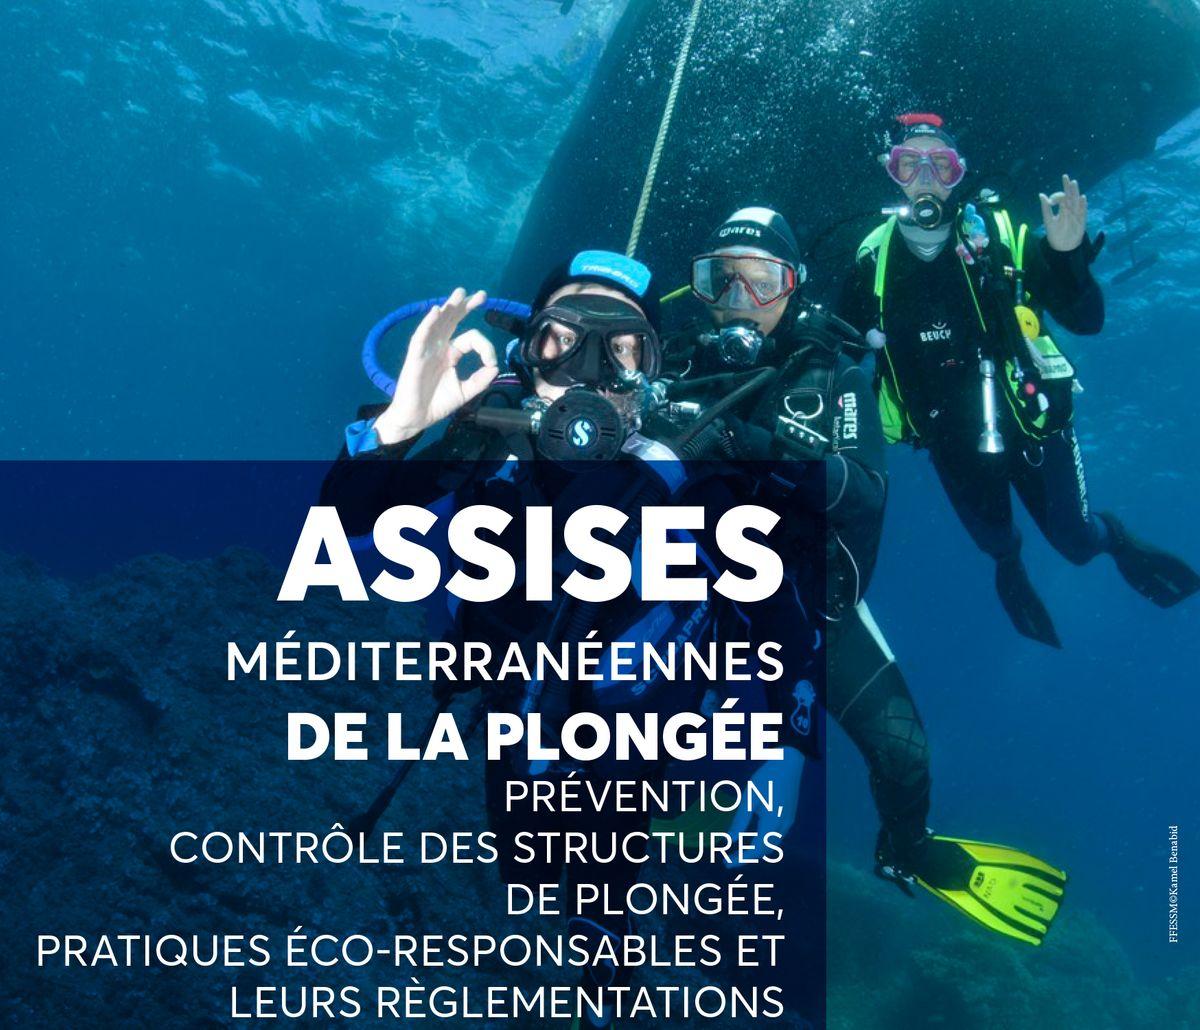 Assises Méditerranéennes de la Plongée 2020